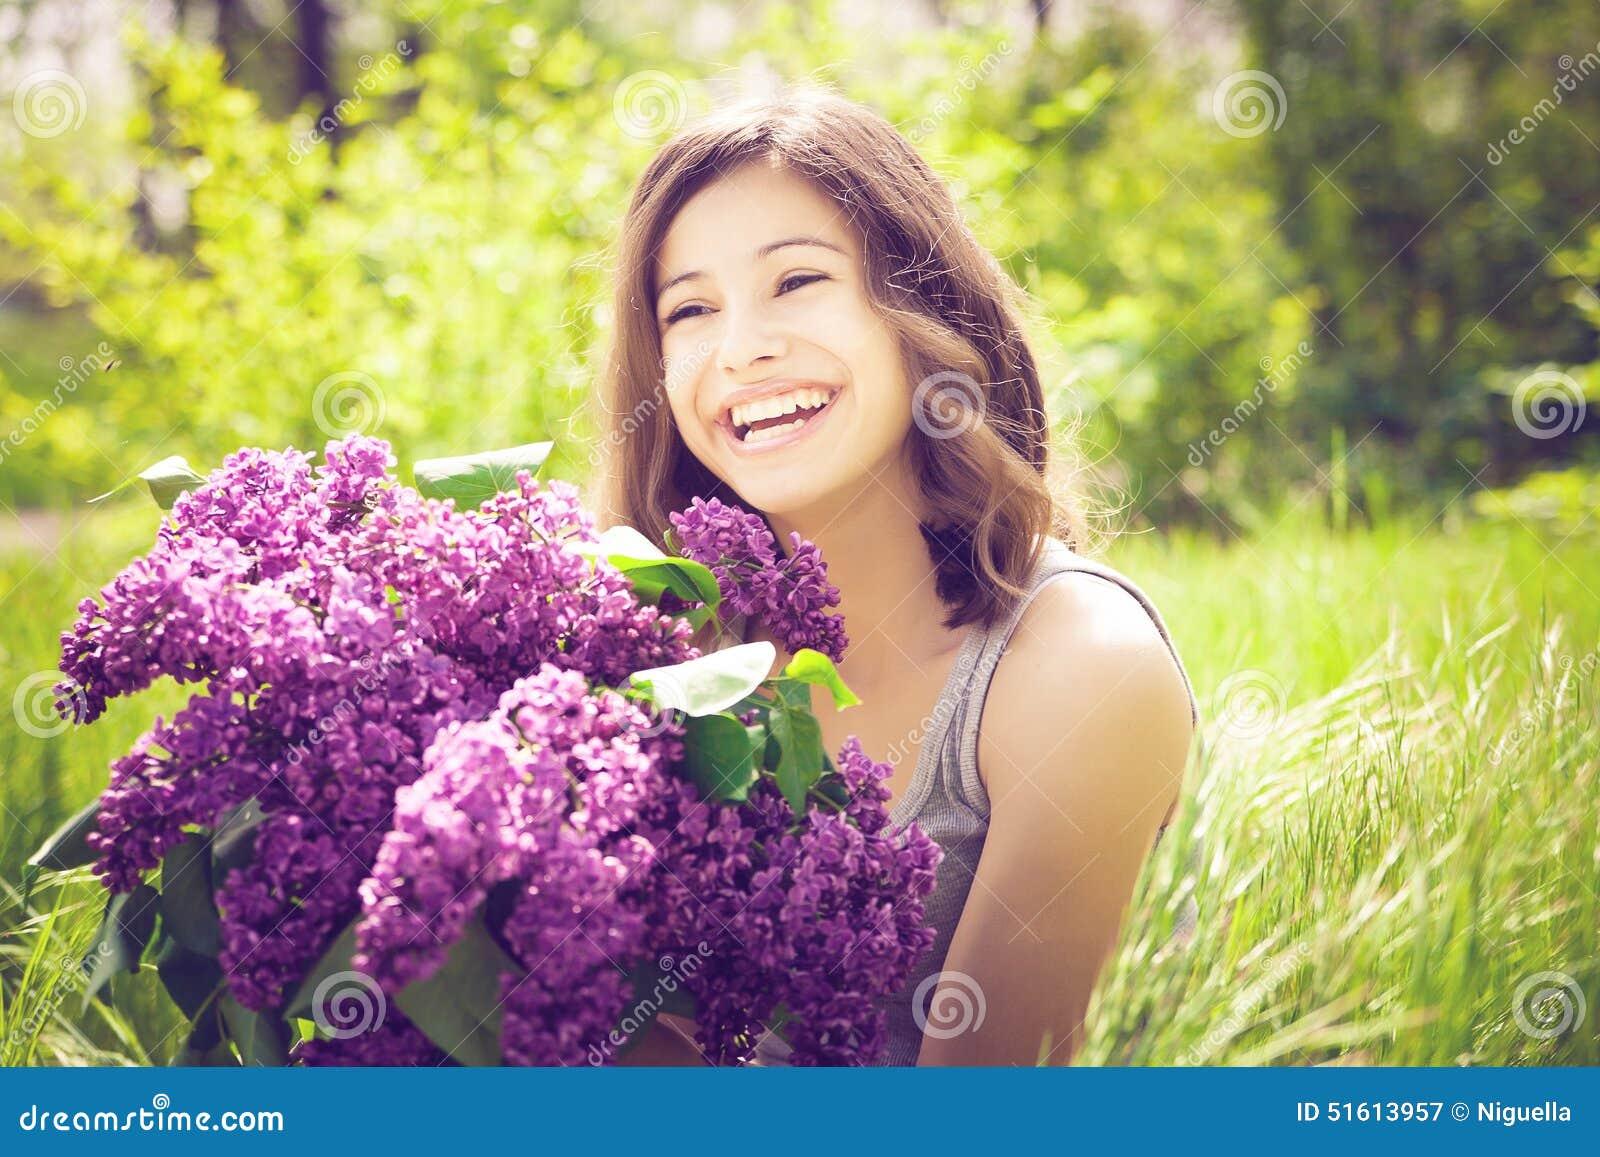 Моя девушка в сирени фото